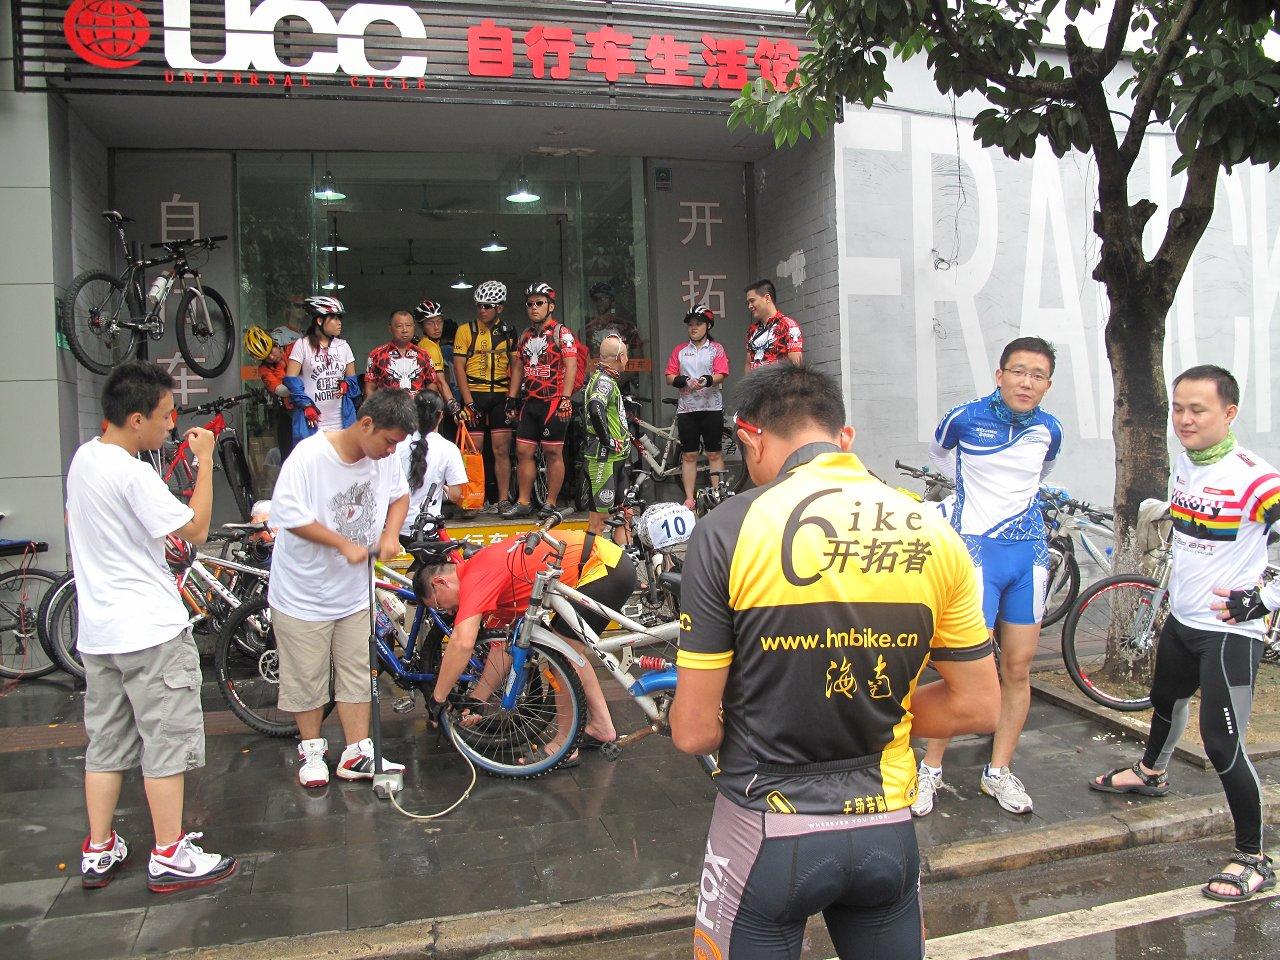 回忆录2010年10月1日国庆环海南岛